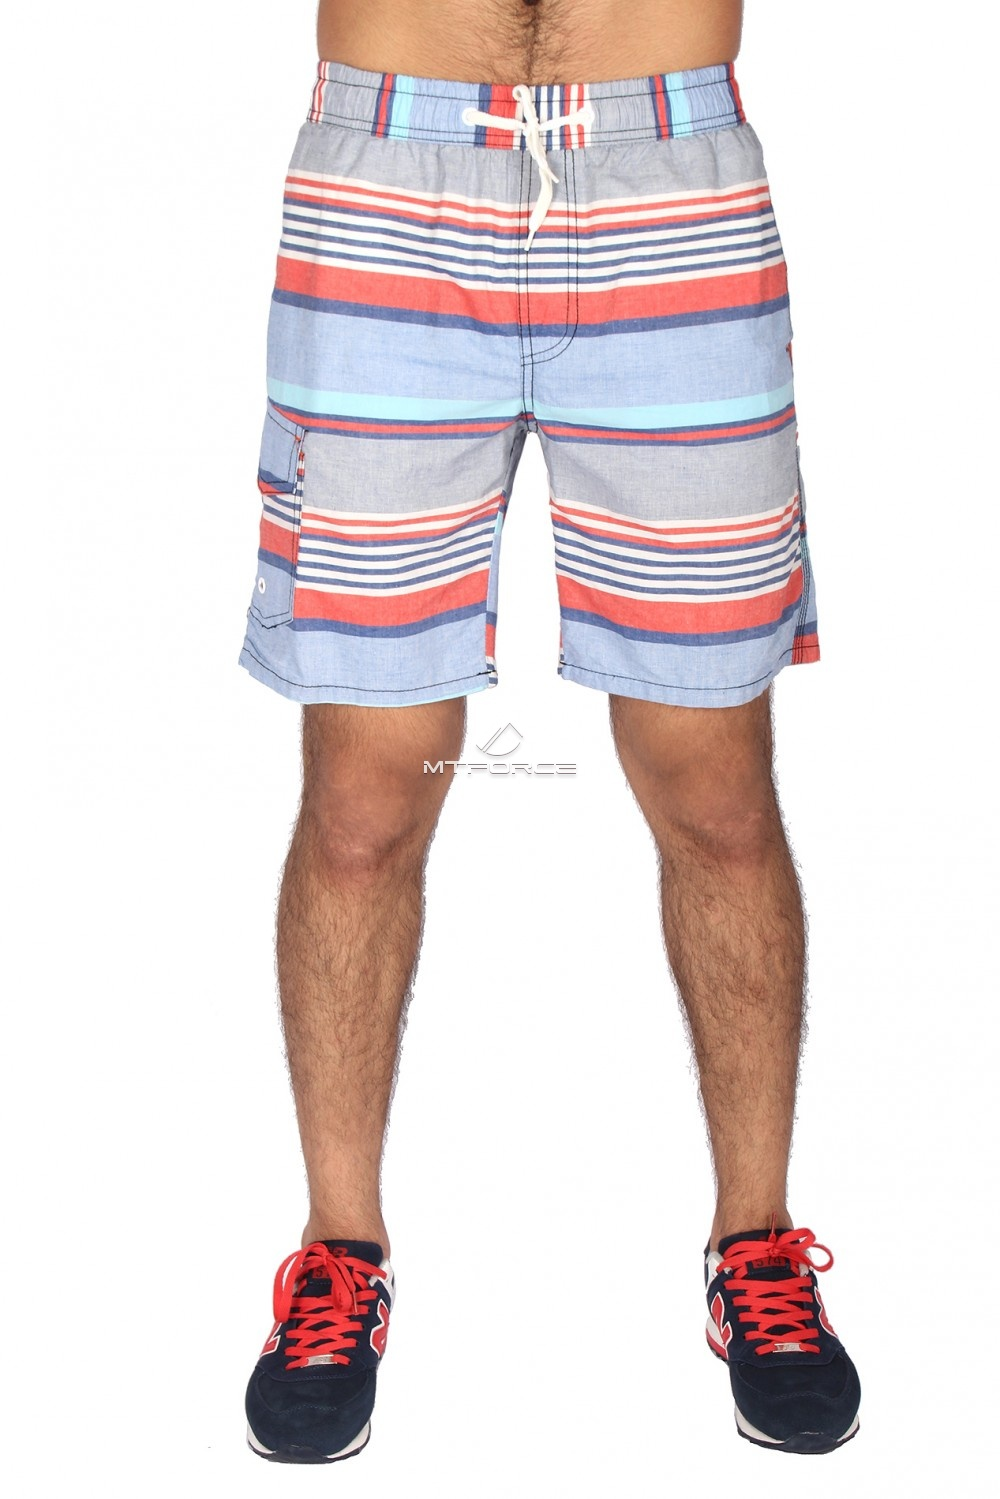 Купить оптом Спортивные шорты красного цвета S11Kr в  Красноярске